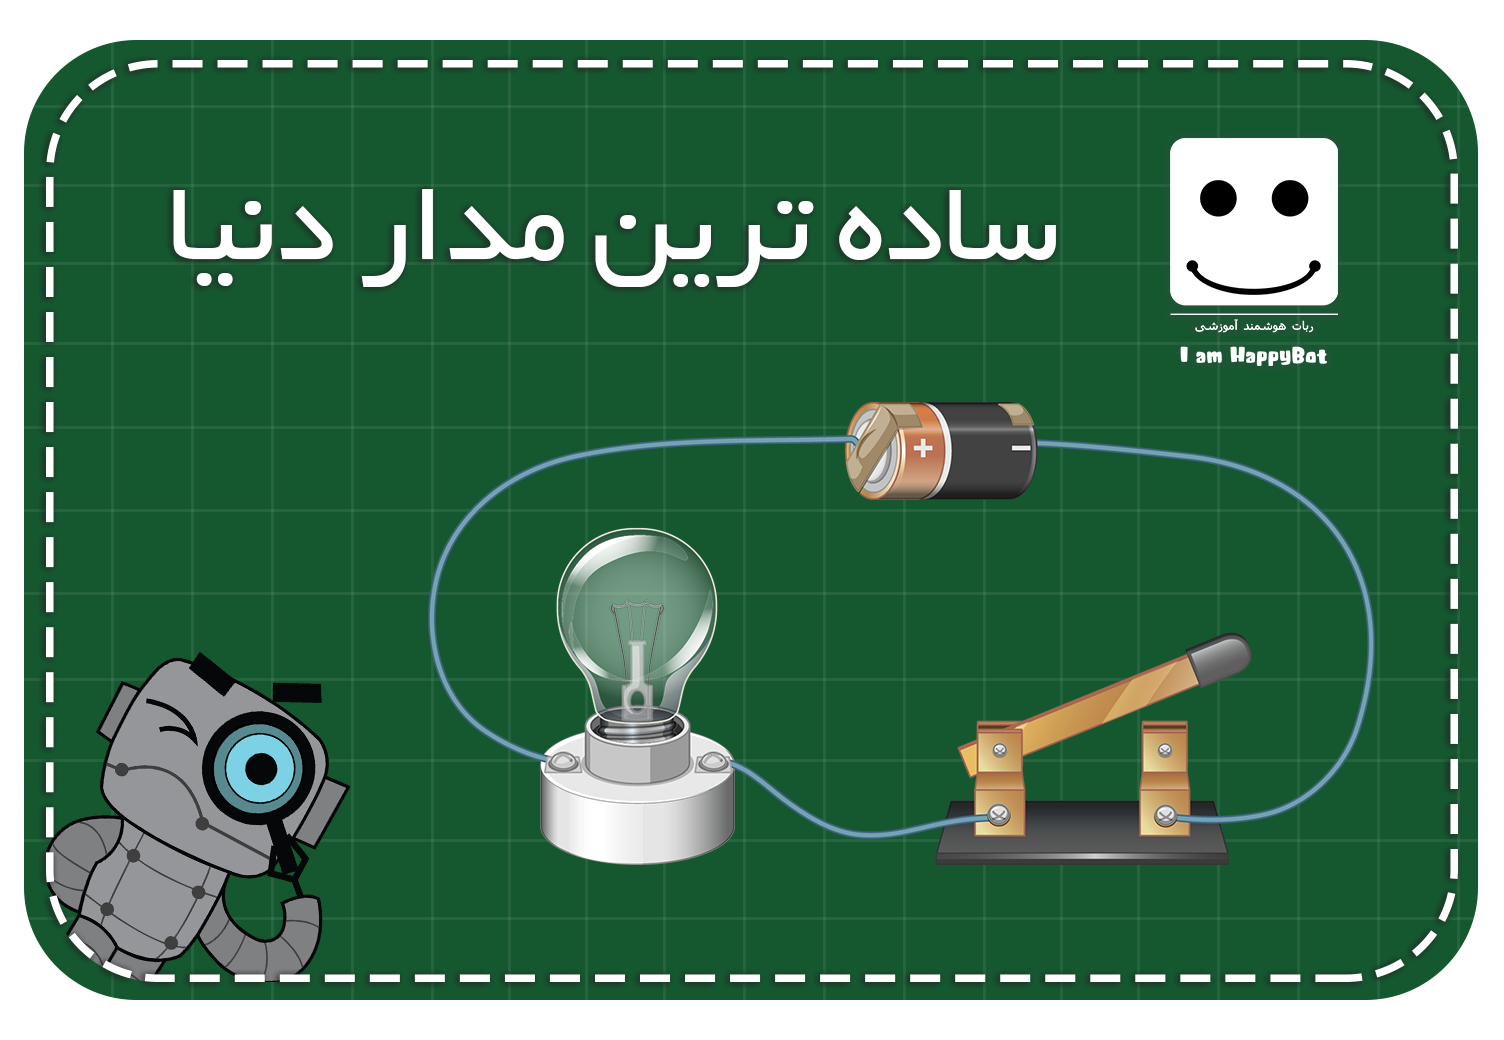 ساده ترین مدار الکترونیک دنیا